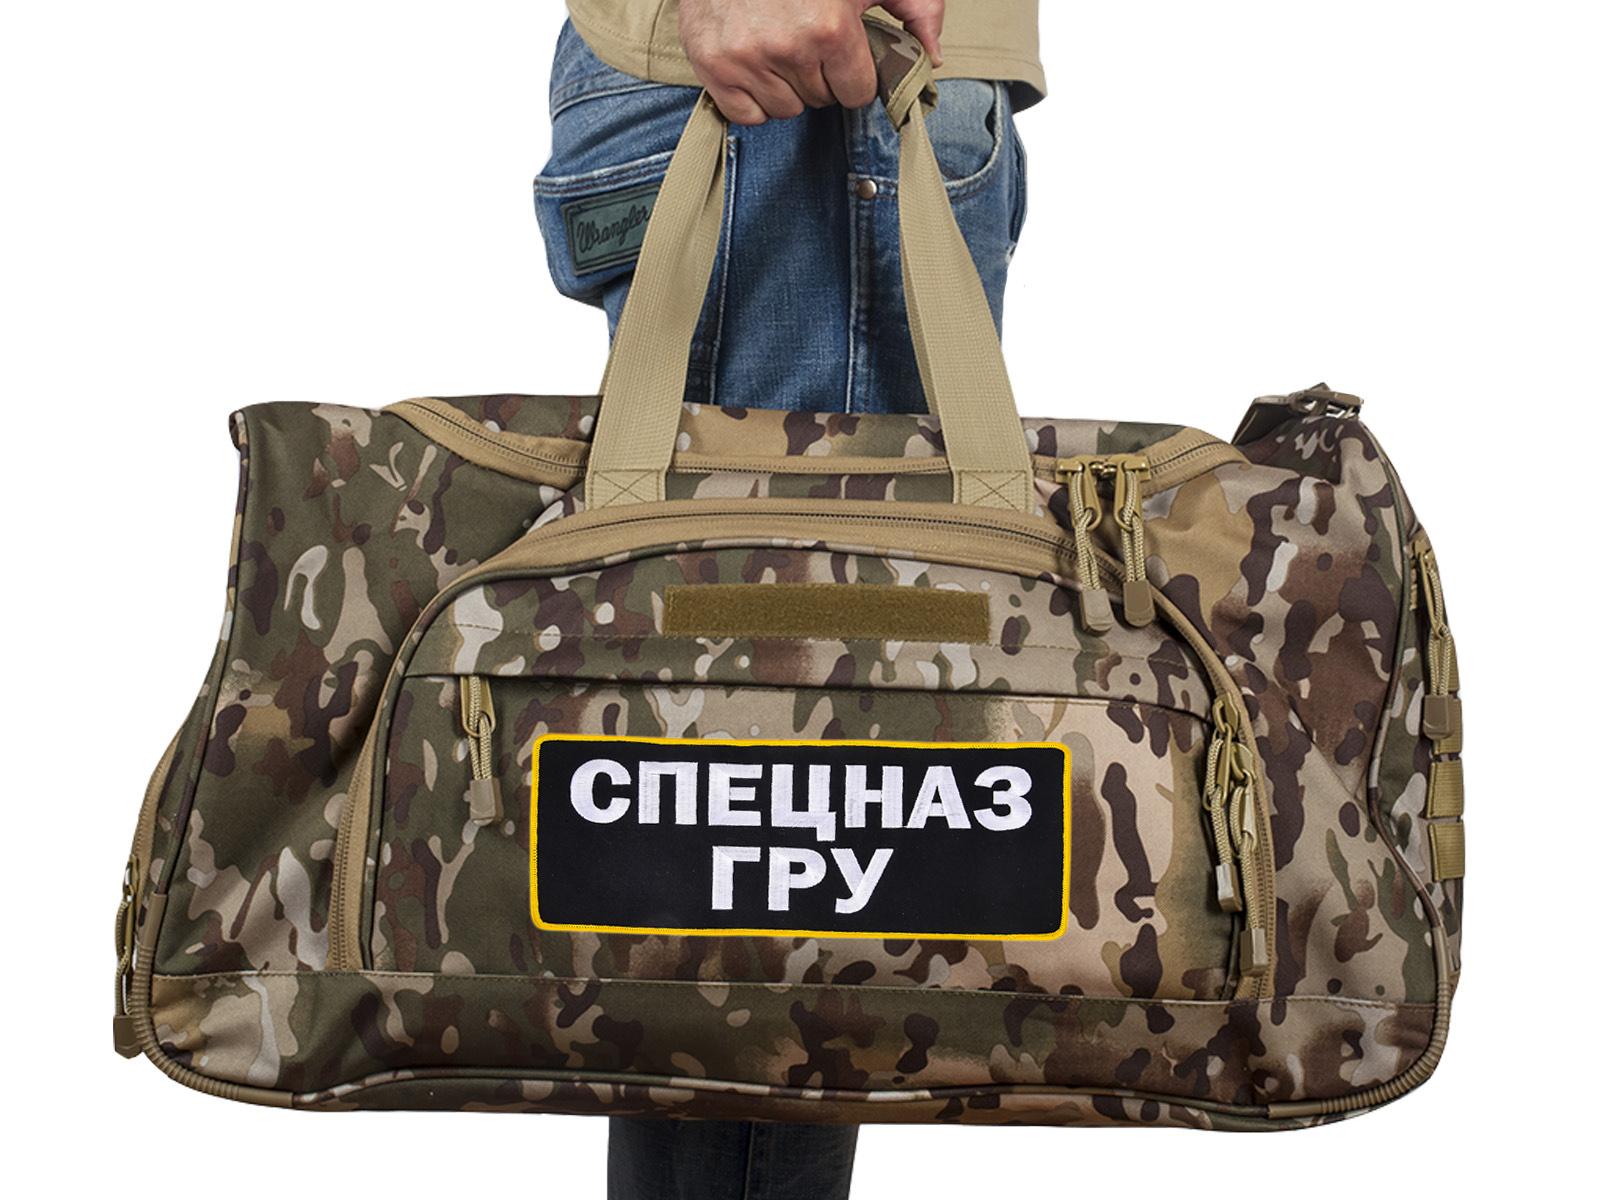 Камуфляжные тактические сумки по цене обычного рюкзака